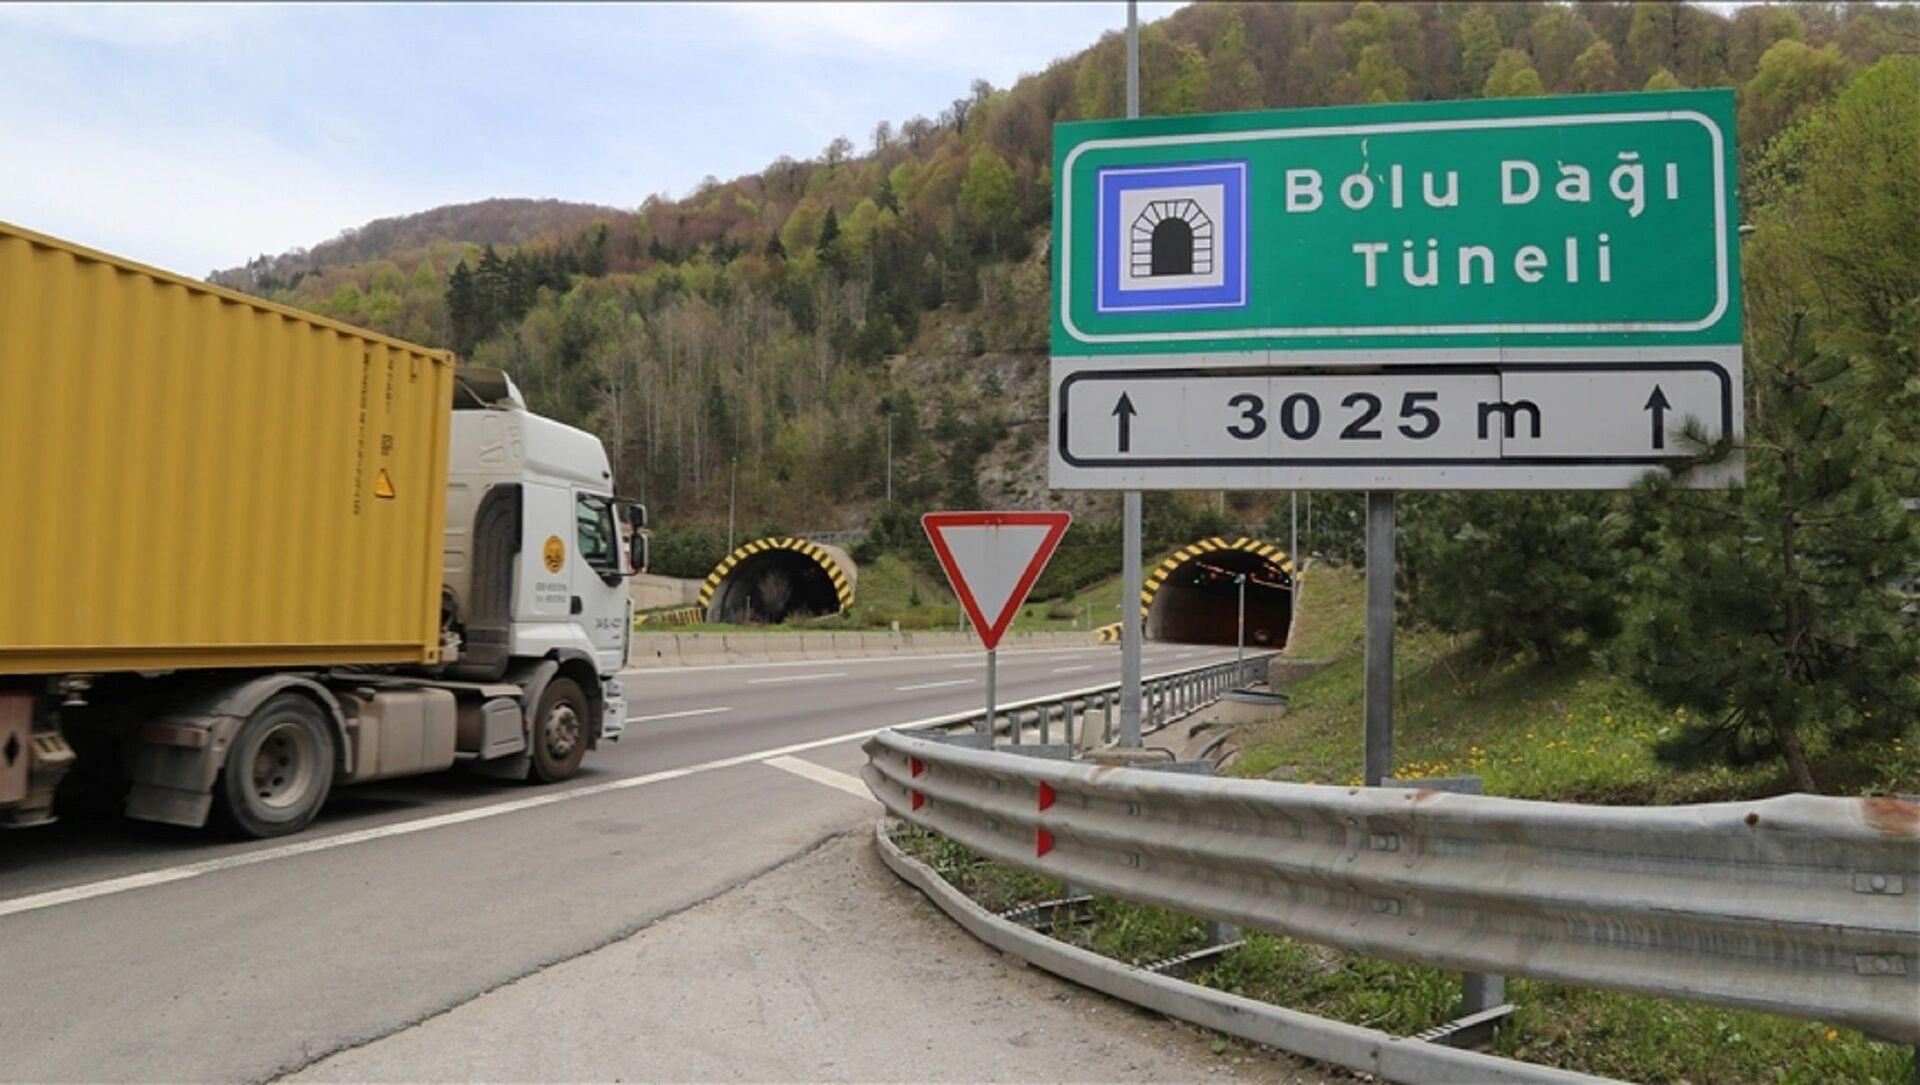 Bolu Dağı Tüneli - Sputnik Türkiye, 1920, 30.04.2021